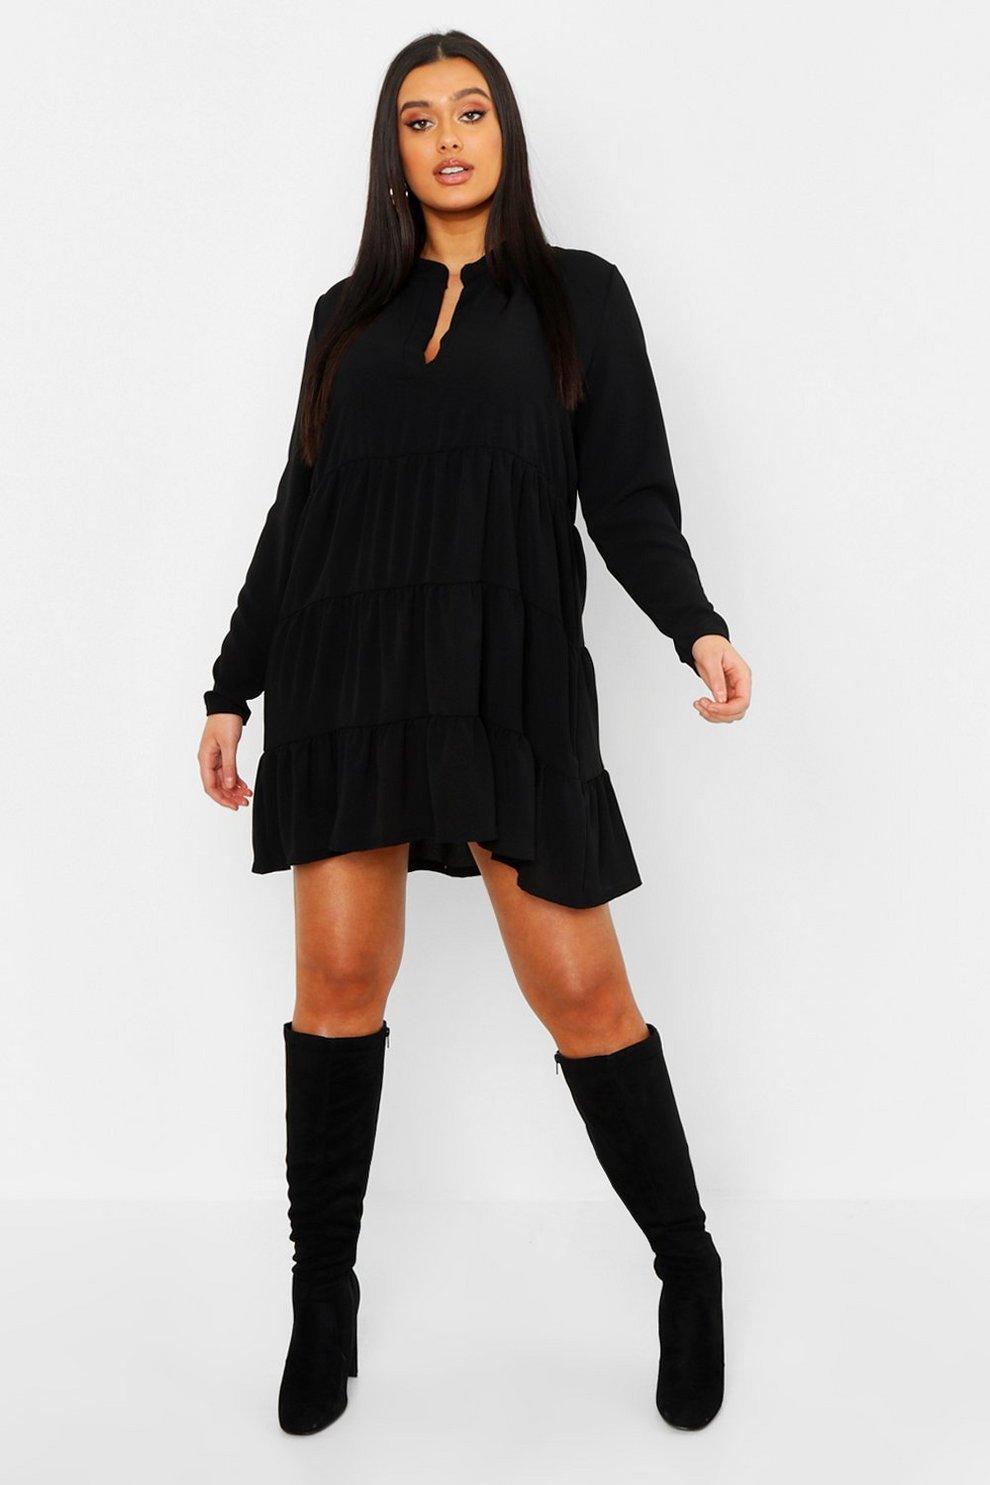 fafa227d52b8 Womens Black Plus Tiered Smock Dress